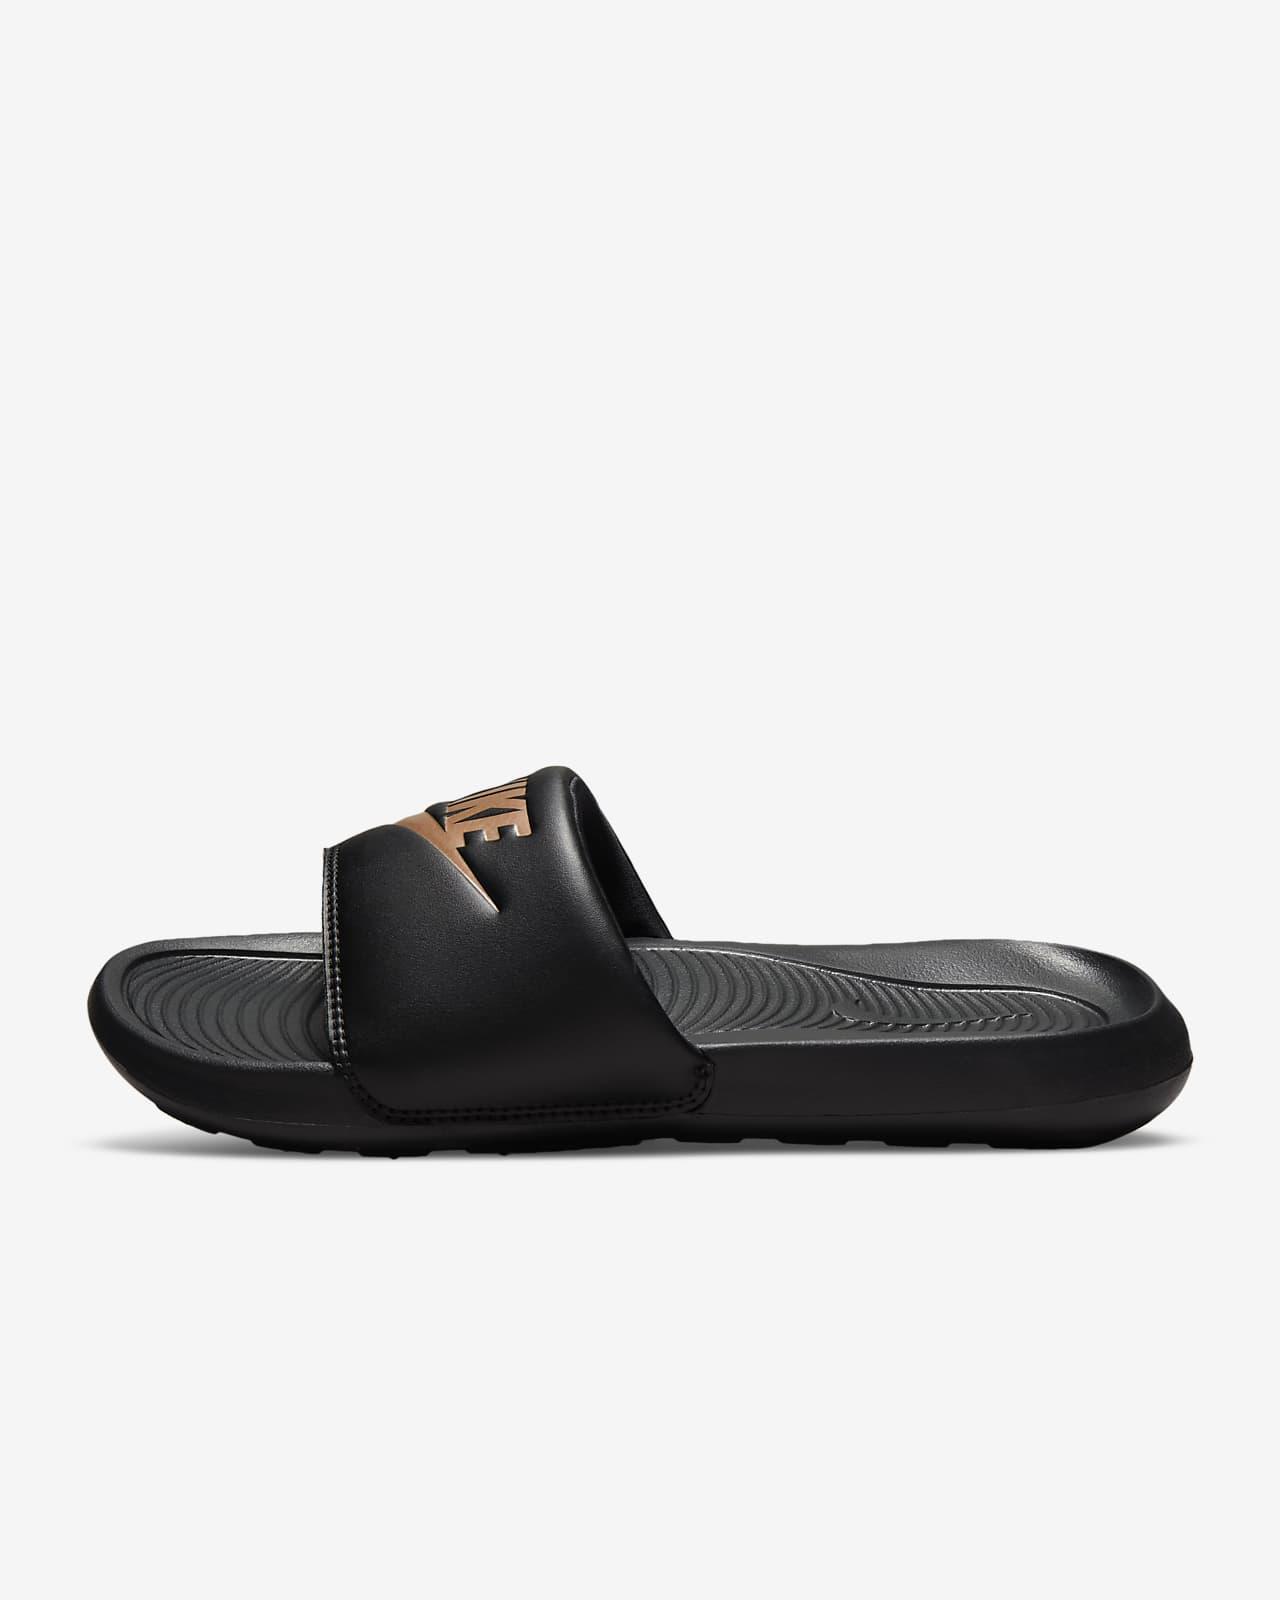 Nike Victori One Women's Slide